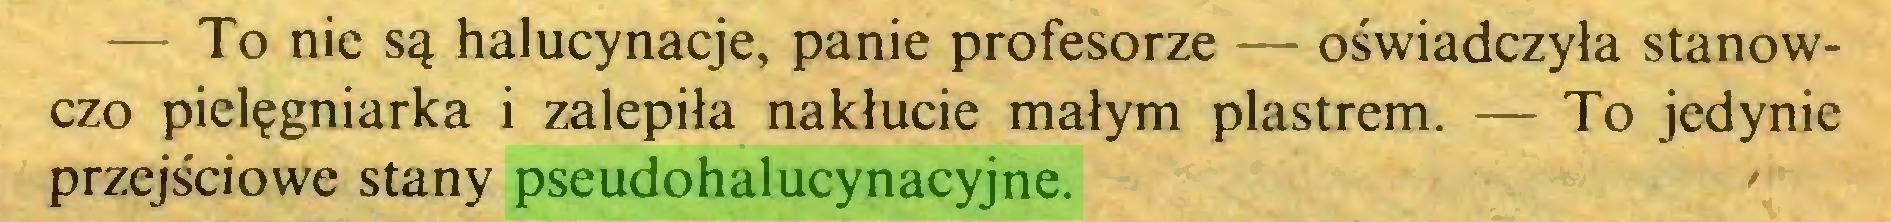 (...) — To nie są halucynacje, panie profesorze — oświadczyła stanowczo pielęgniarka i zalepiła nakłucie małym plastrem. — To jedynie przejściowe stany pseudohalucynacyjne...